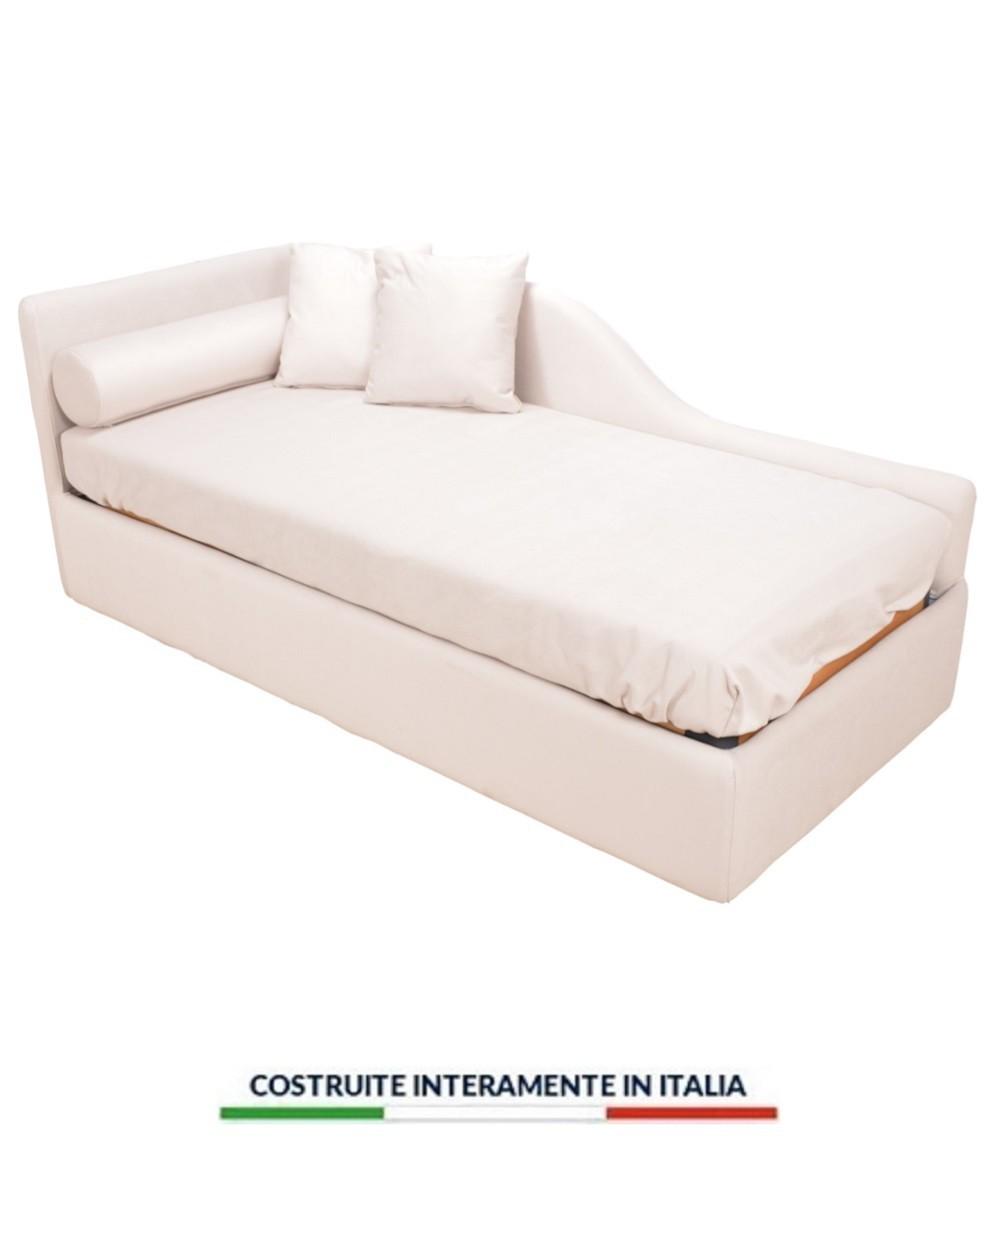 Divano Comodo Per Dormire divano letto contenitore firenze motorizzato elettrico rete a doghe